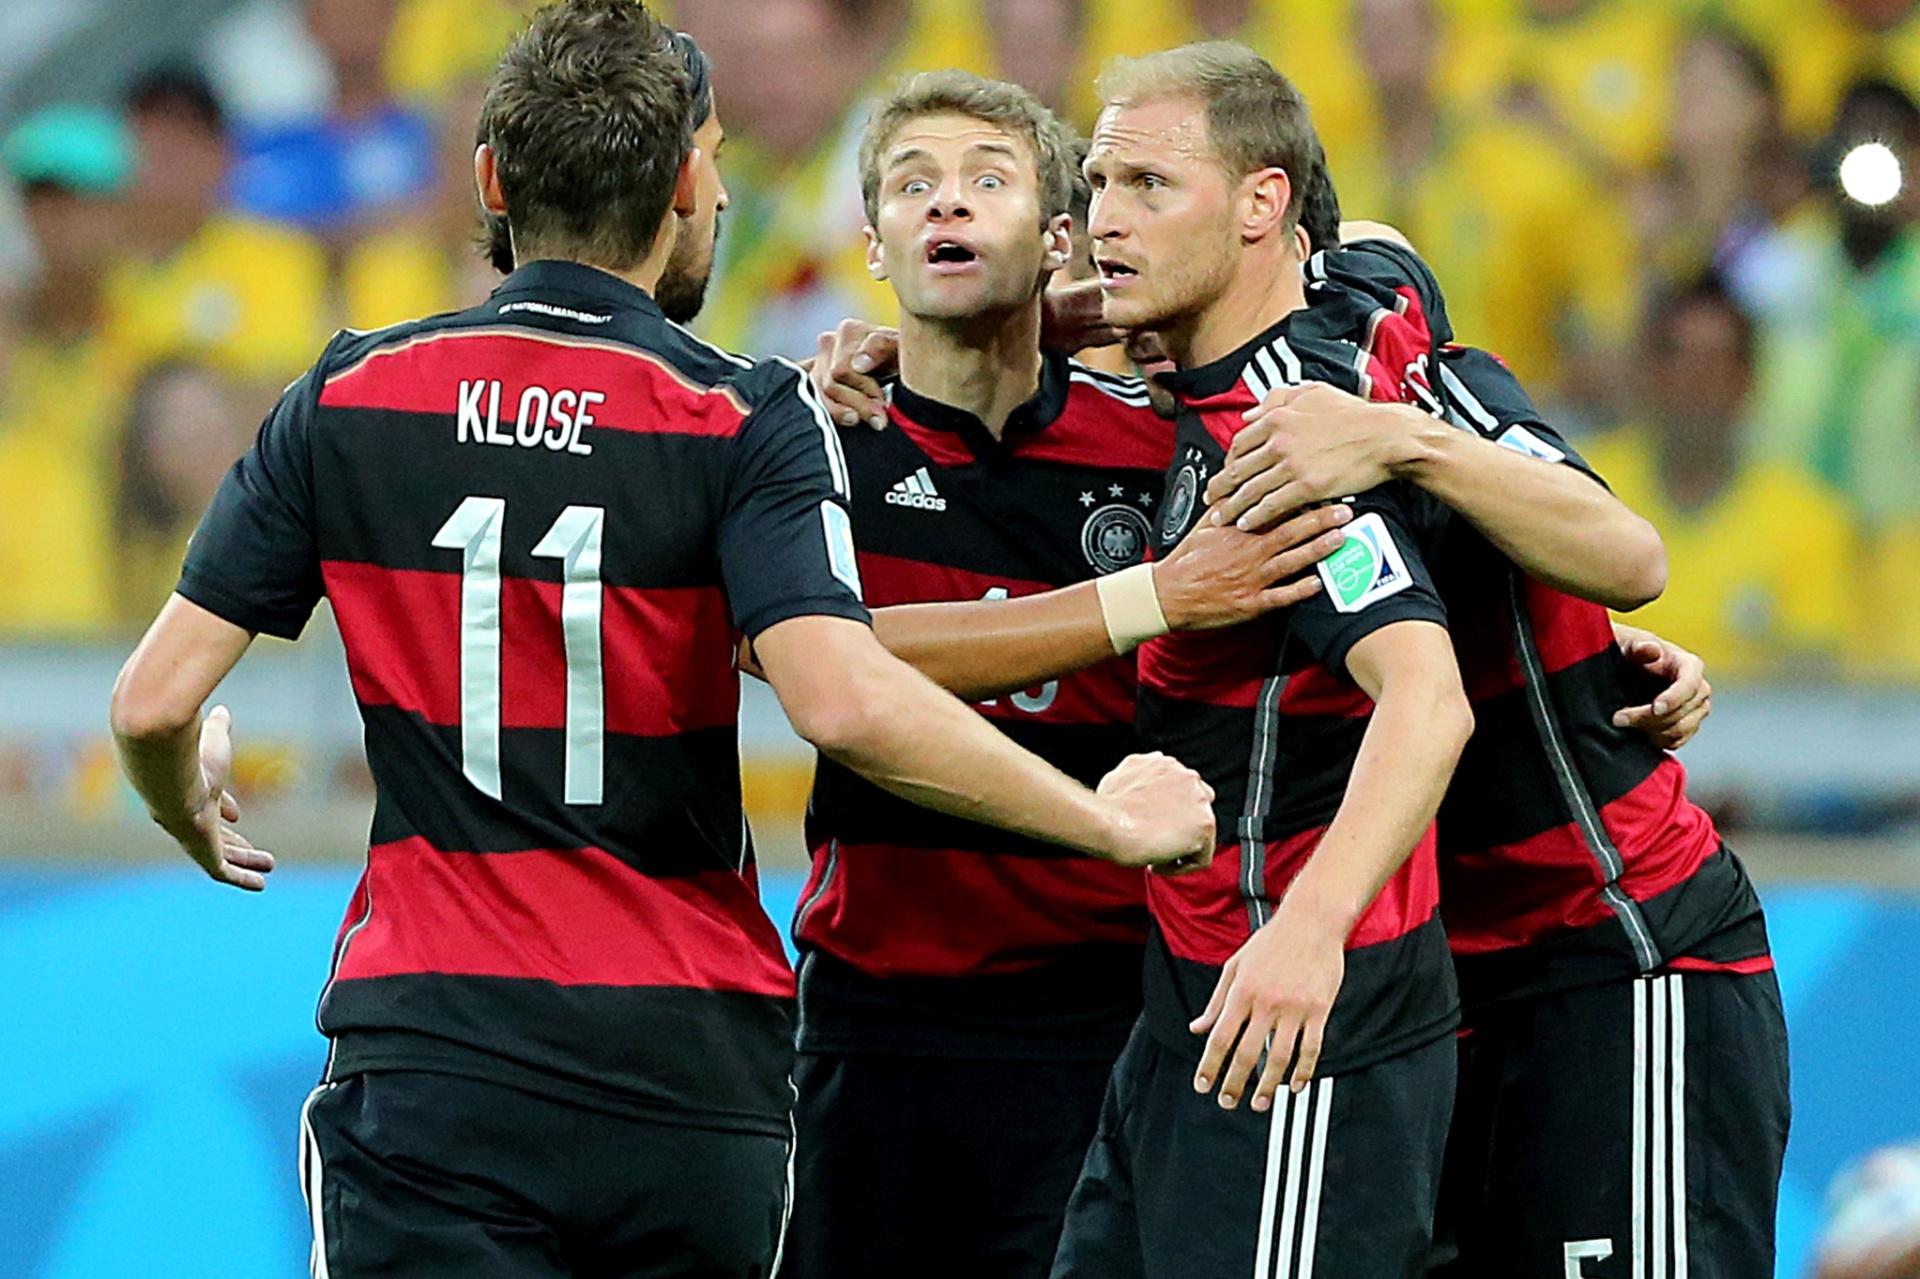 6a1550a4b2 Como estão os alemães que fizeram 7 a 1 no Brasil quase 4 anos depois -  26 03 2018 - UOL Esporte